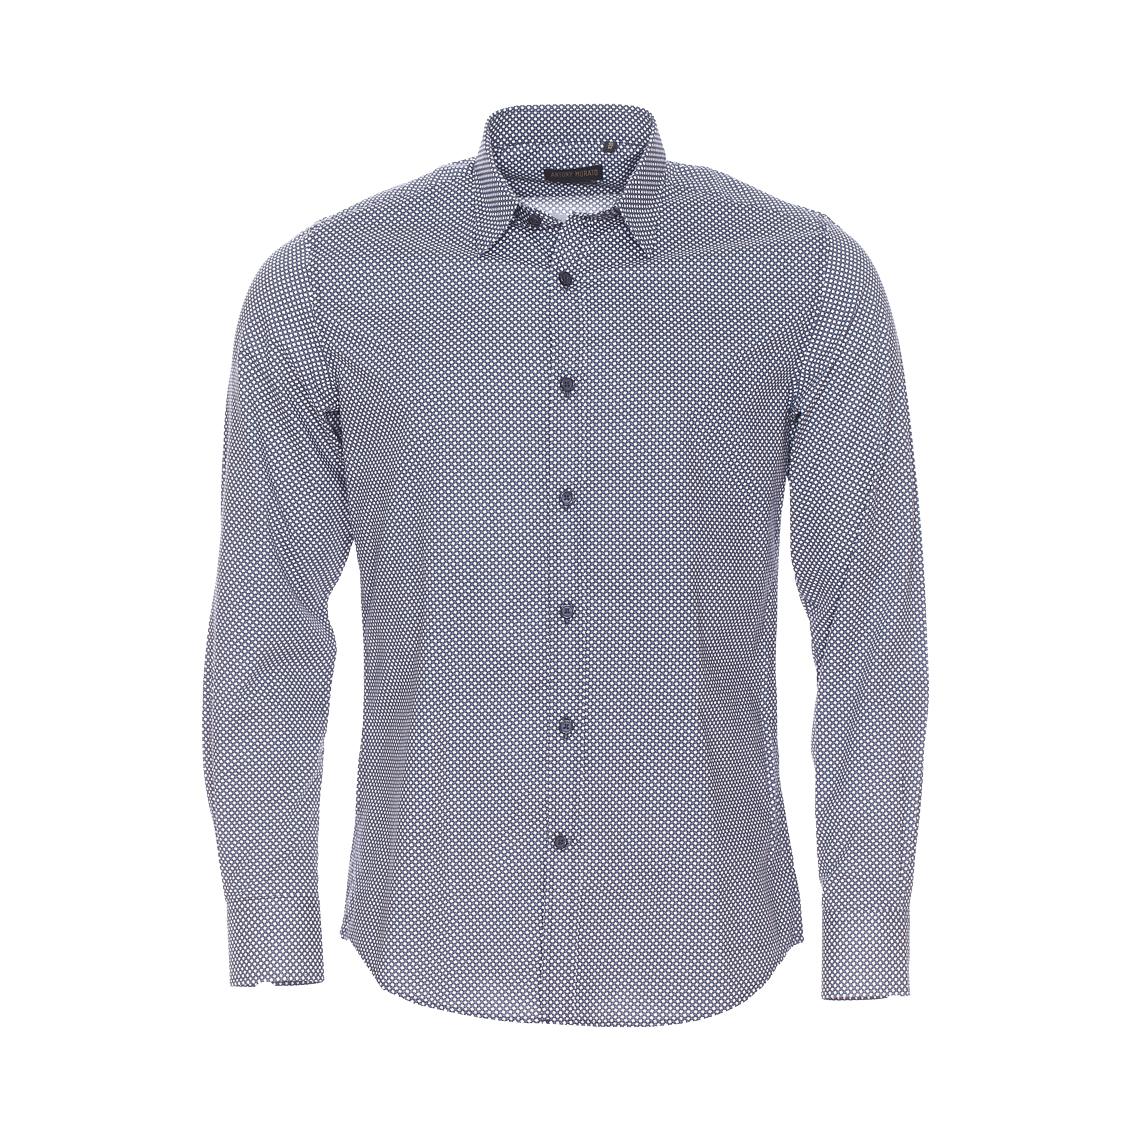 Chemise slim Antony Morato en coton à petit motif mosaïque bleu-grisé et blanc